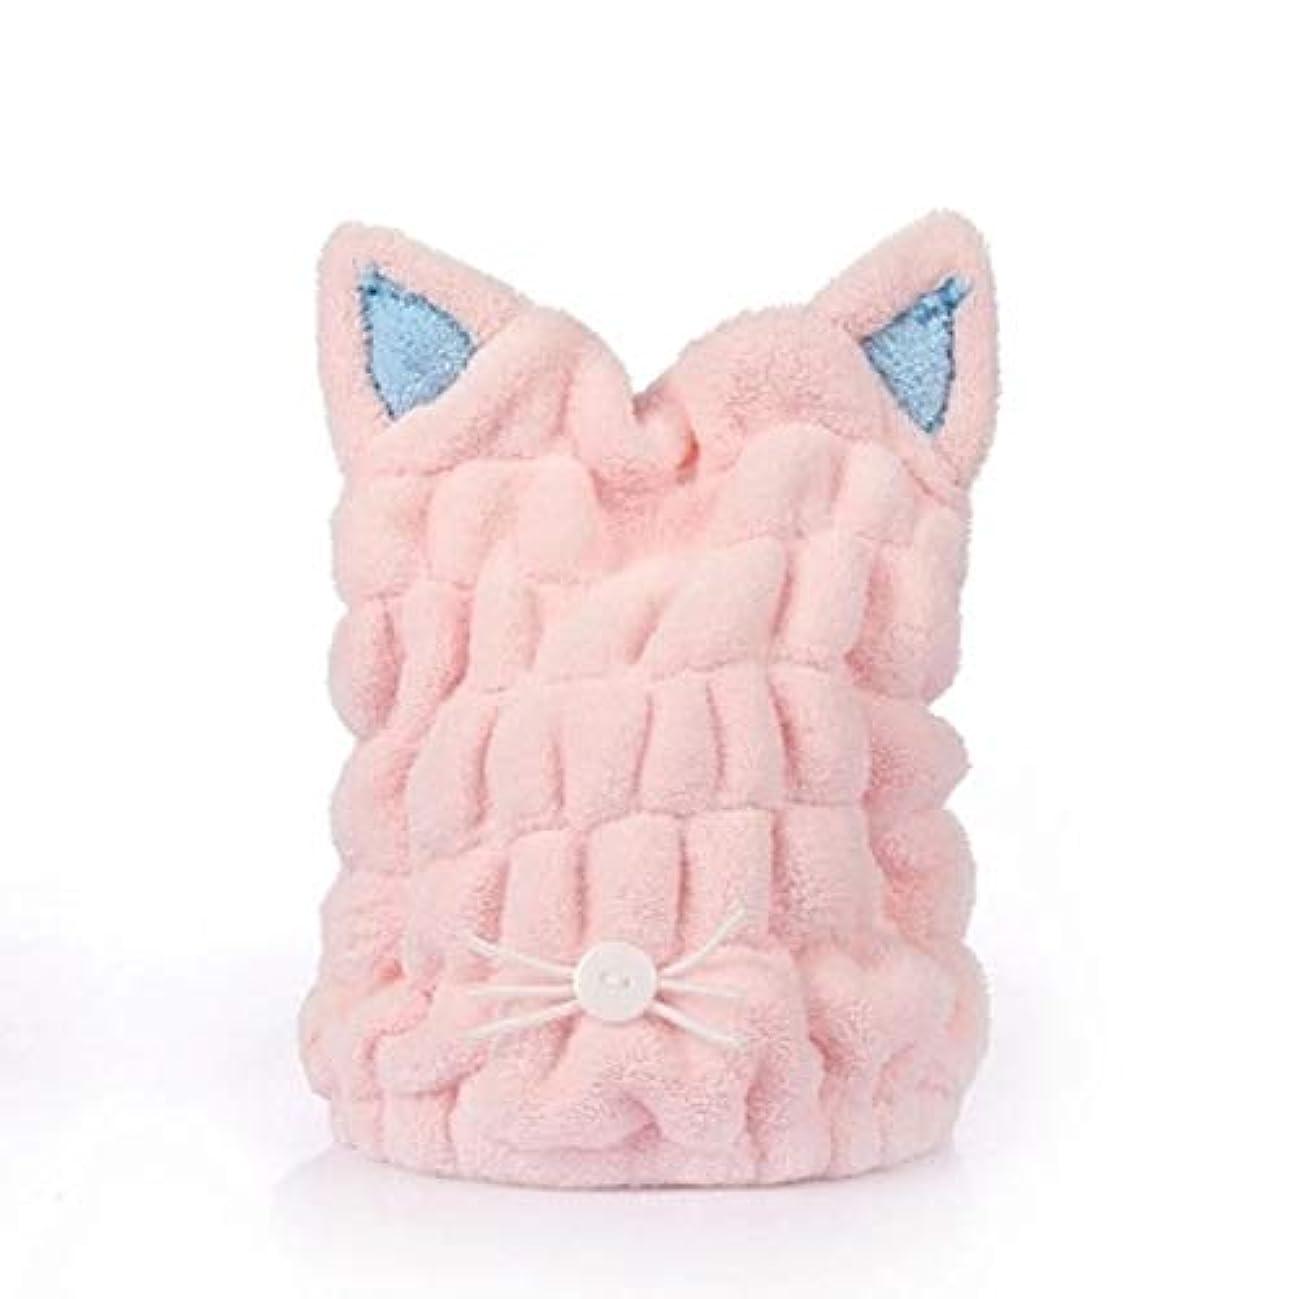 密輸楽しませる嵐のOnior タオルキャップ 猫耳 ヘアドライキャップ 吸水 乾燥用 かわいい マイクロファイバー ふわふわ アニマル タオル お風呂用 (ピンク)